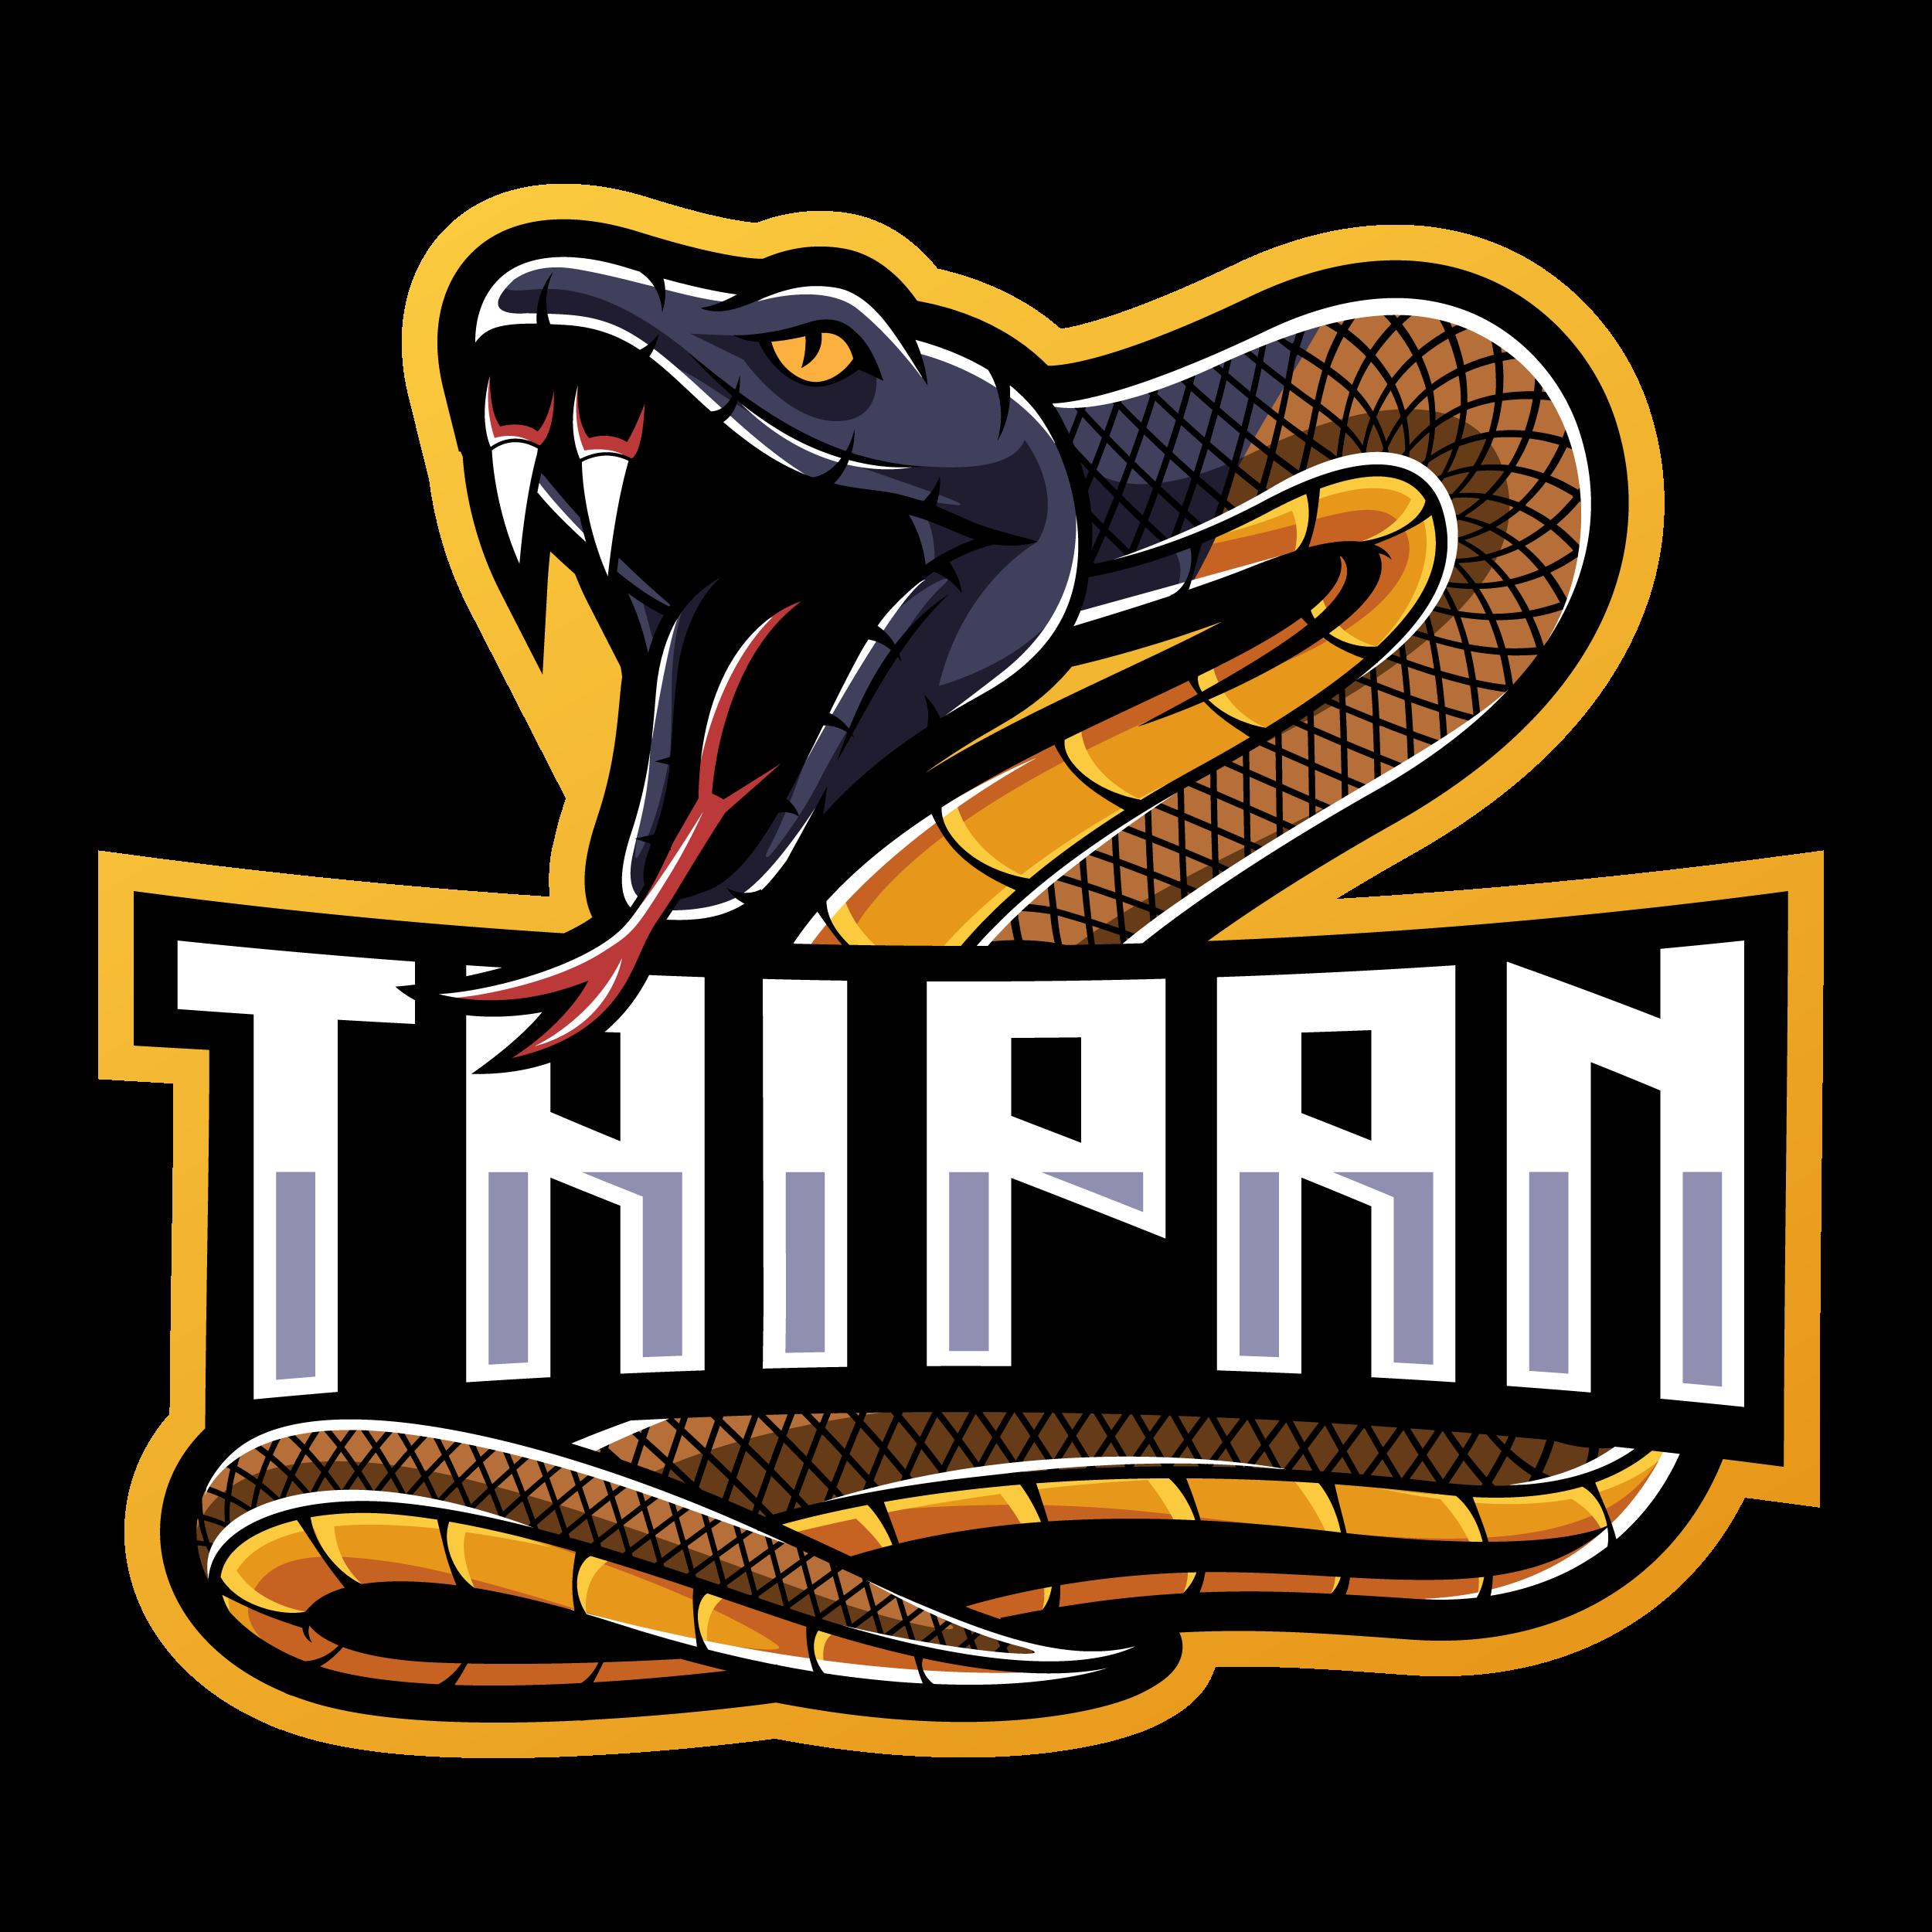 Taipan-Mascot-Logo-PNG-Transparent